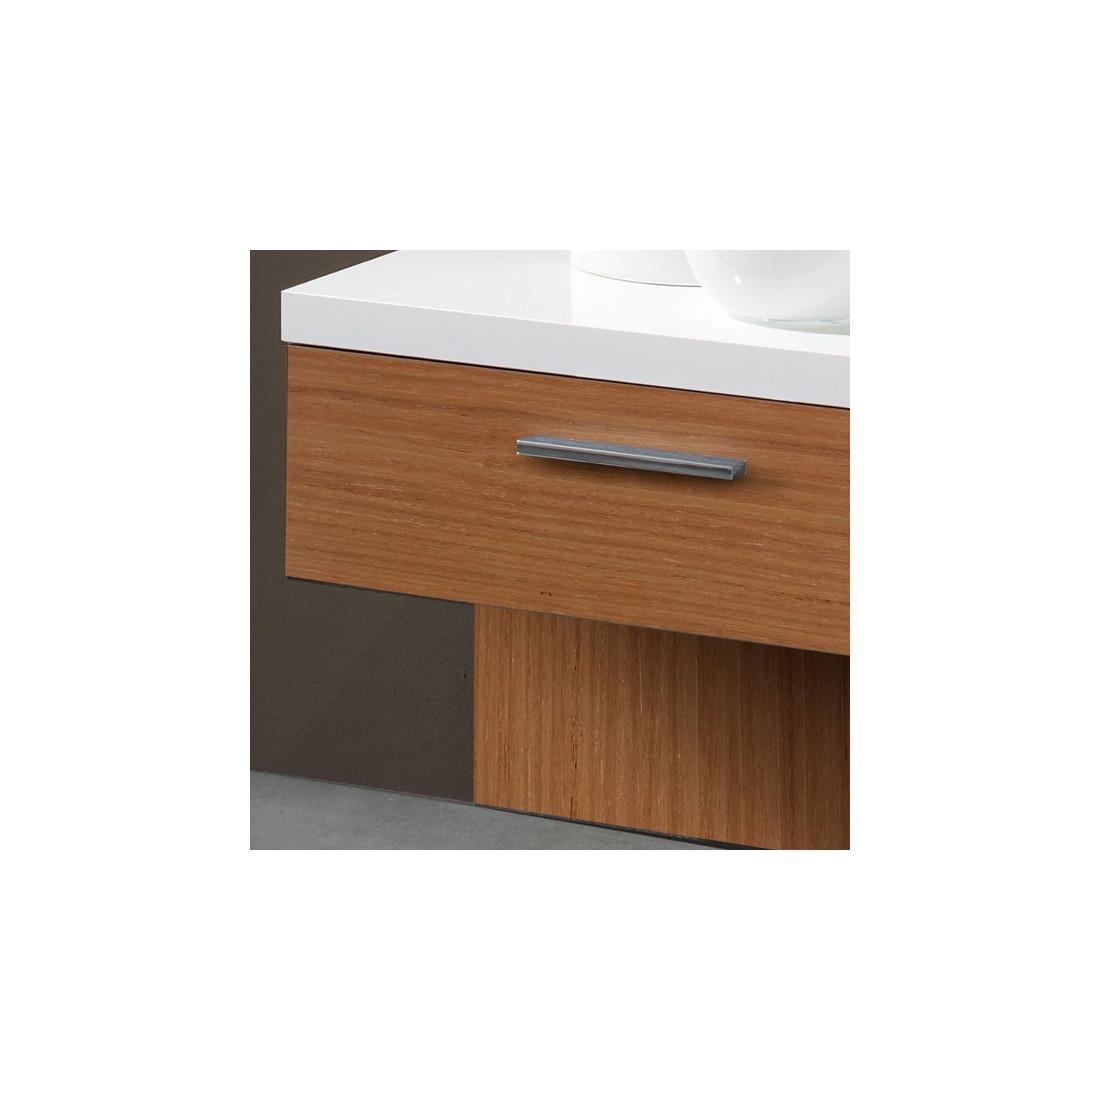 meuble d 39 entr e blanc noyer miroir gomelle univers petits meubles. Black Bedroom Furniture Sets. Home Design Ideas